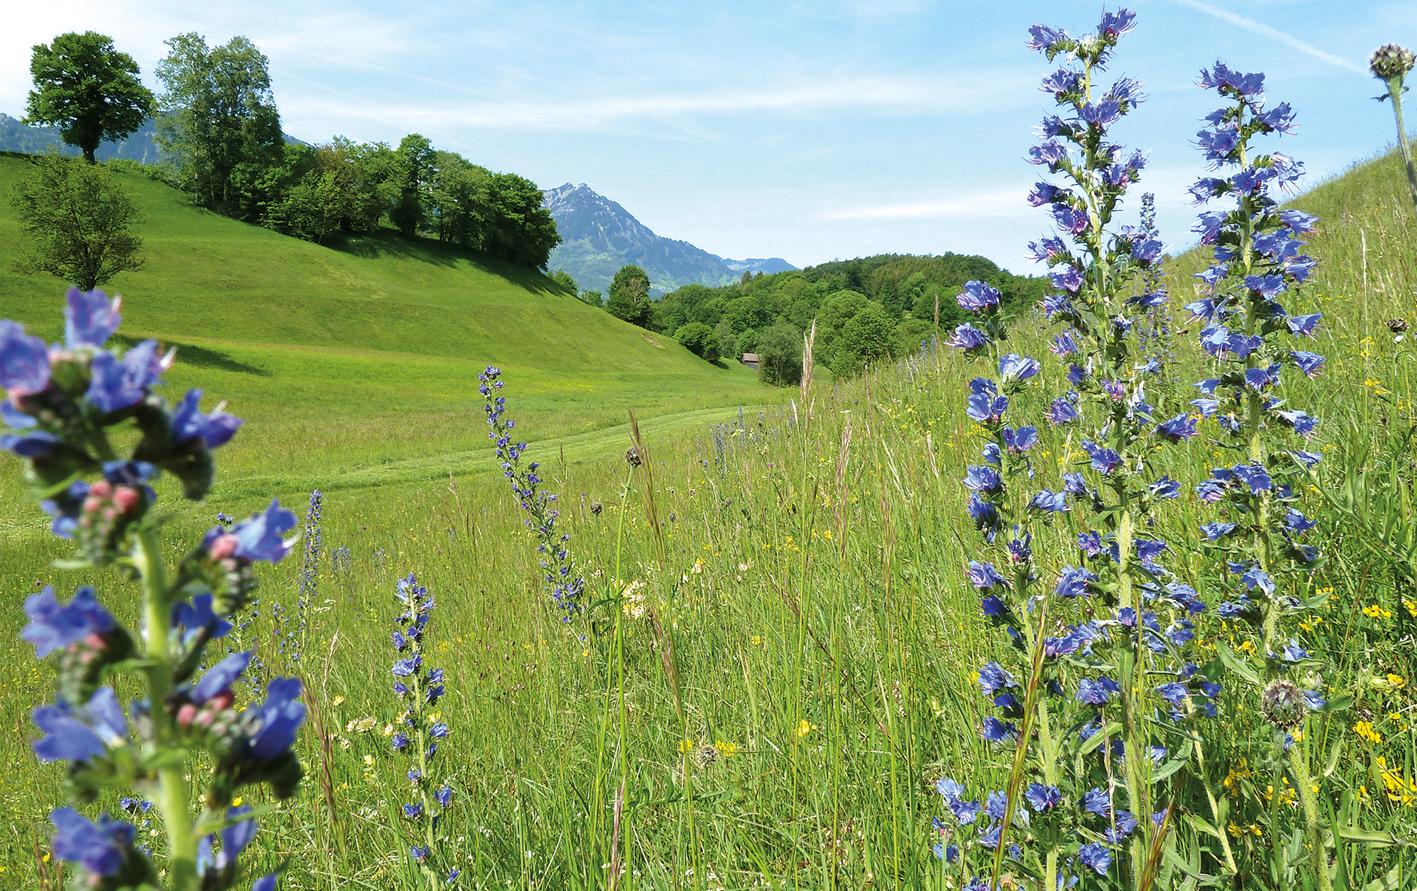 """Im Marmorsaal des Lebensministeriums in Wien wurde seine zwei Hektar große Wiese auf """"Quadres"""" - etwas oberhalb des Bludescher Ortszentrums - zur schönsten Blumenwiese Vorarlbergs gekürt. Dort beginnt jetzt die nächste Blüh-Saison."""